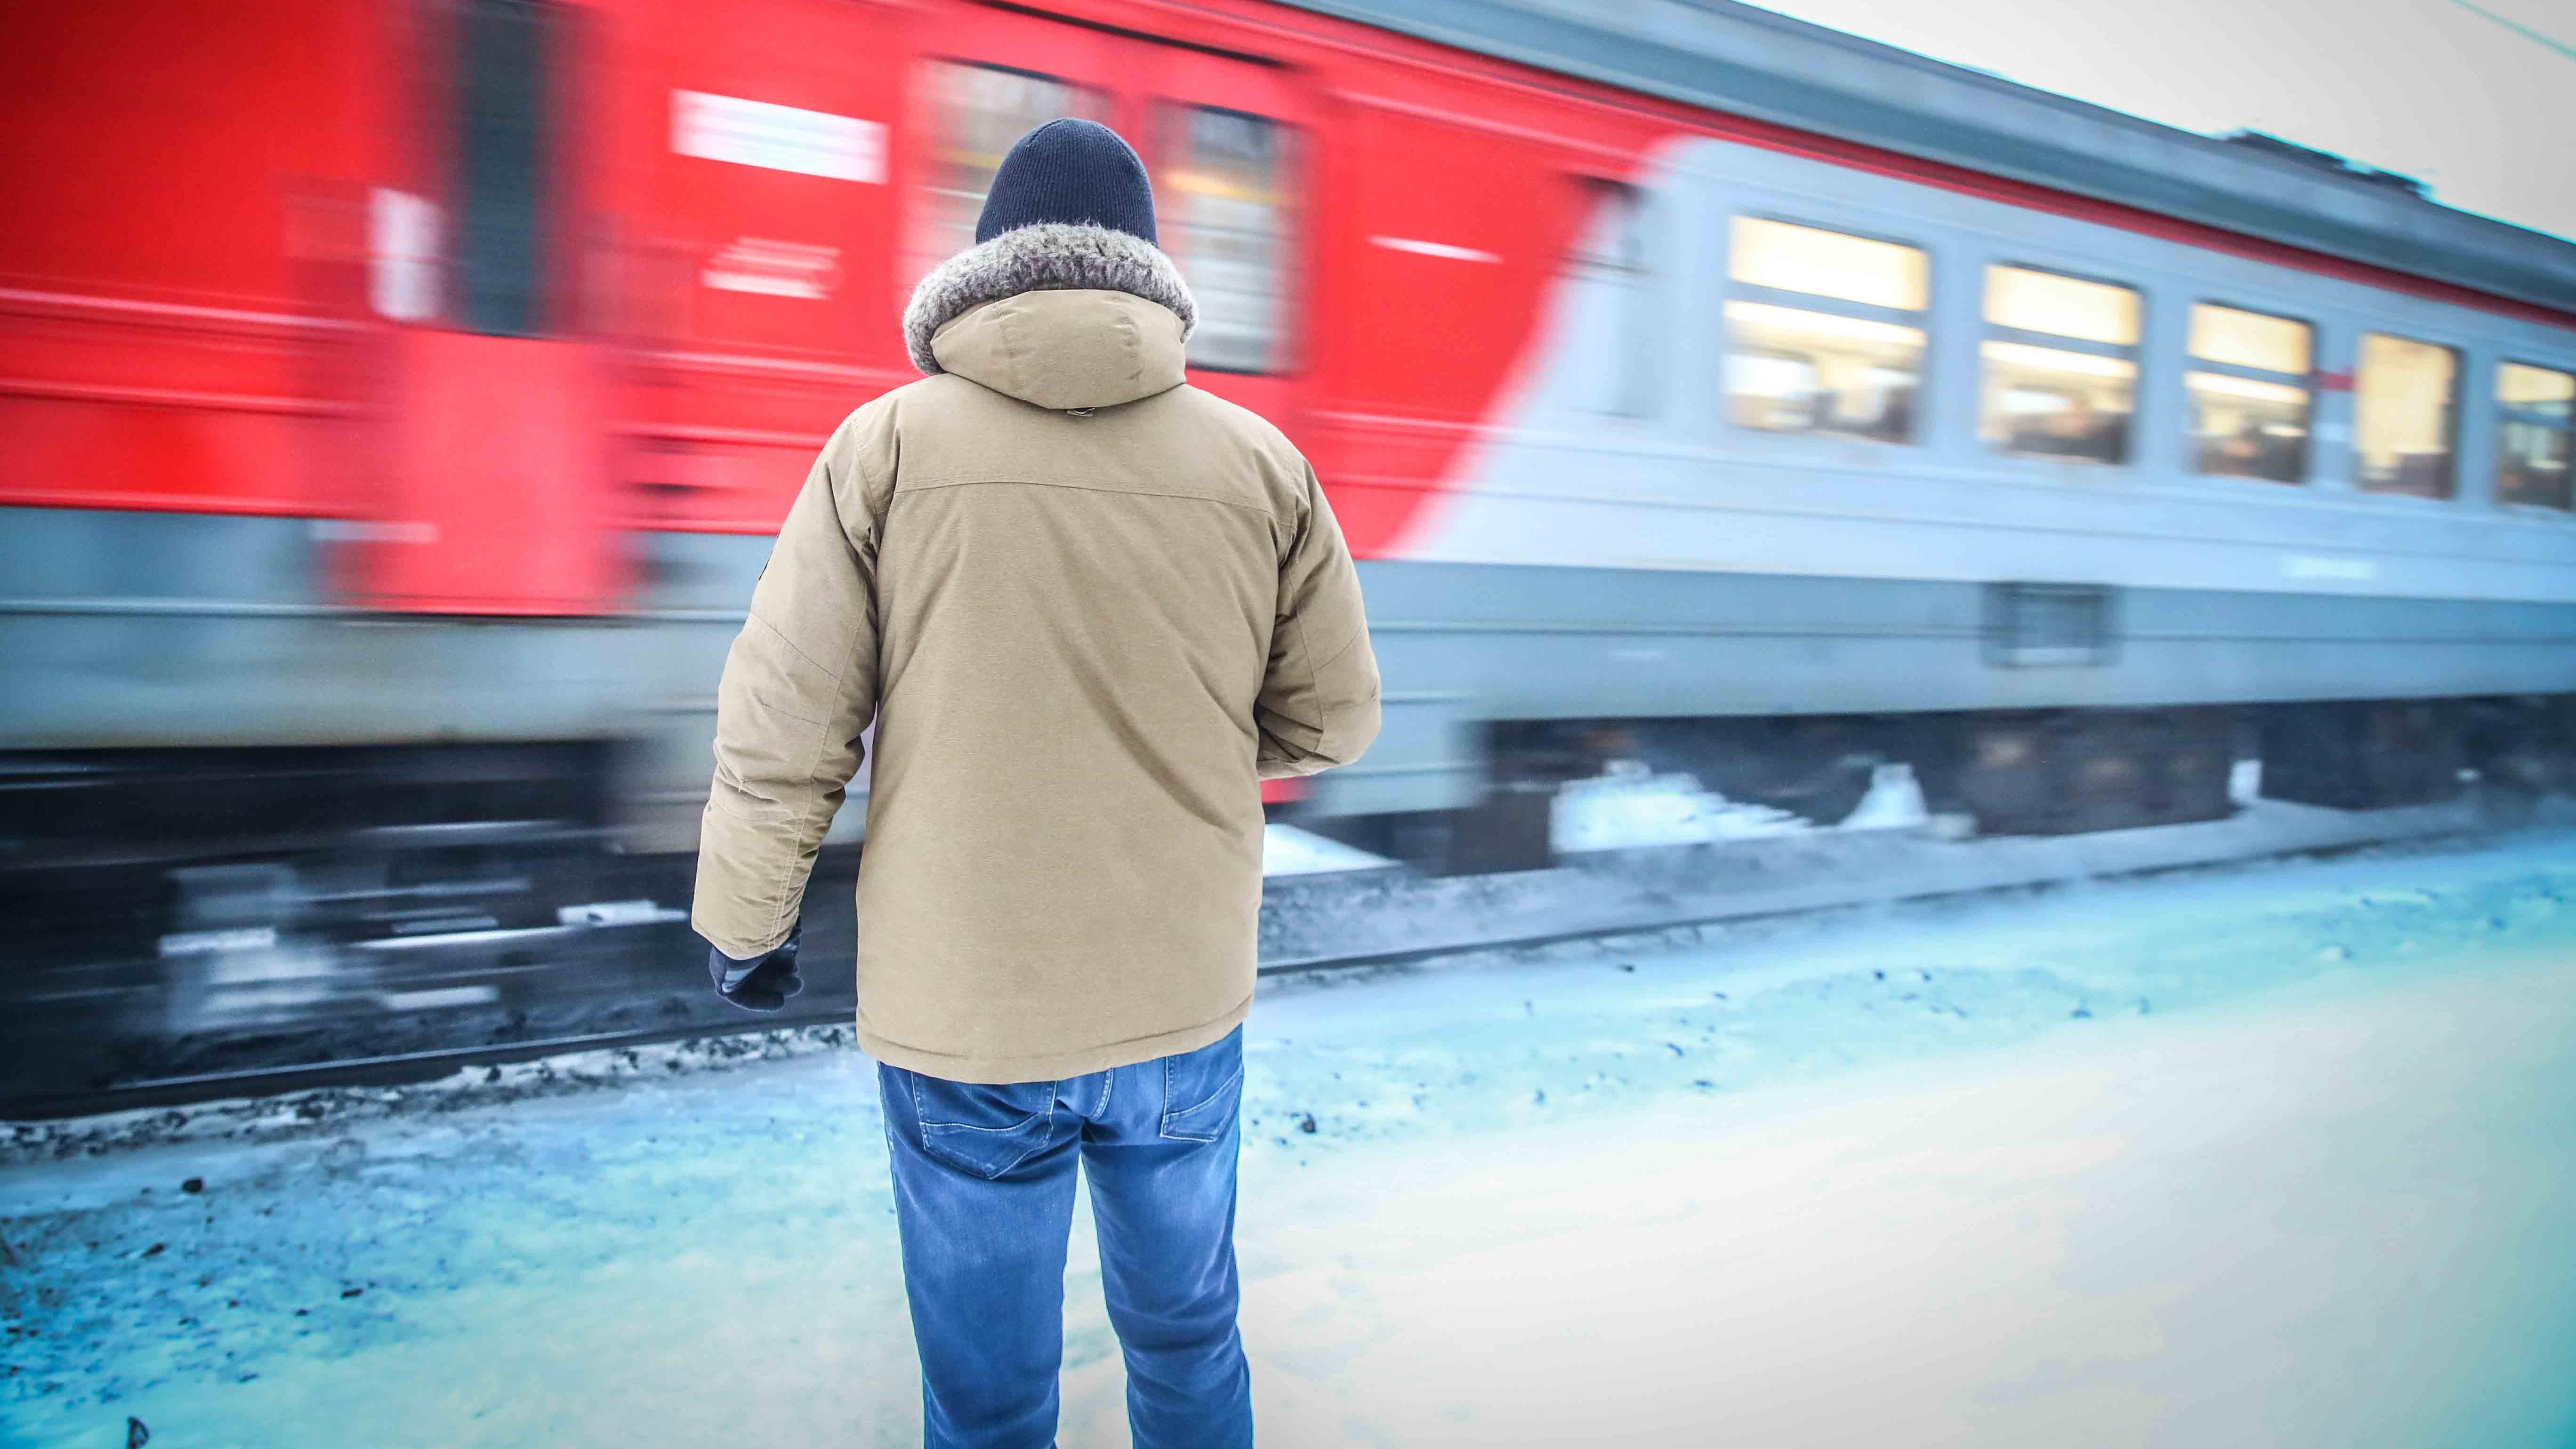 Свыше 200 нарушителей перехода через ж/д пути выявили в Подмосковье в январе